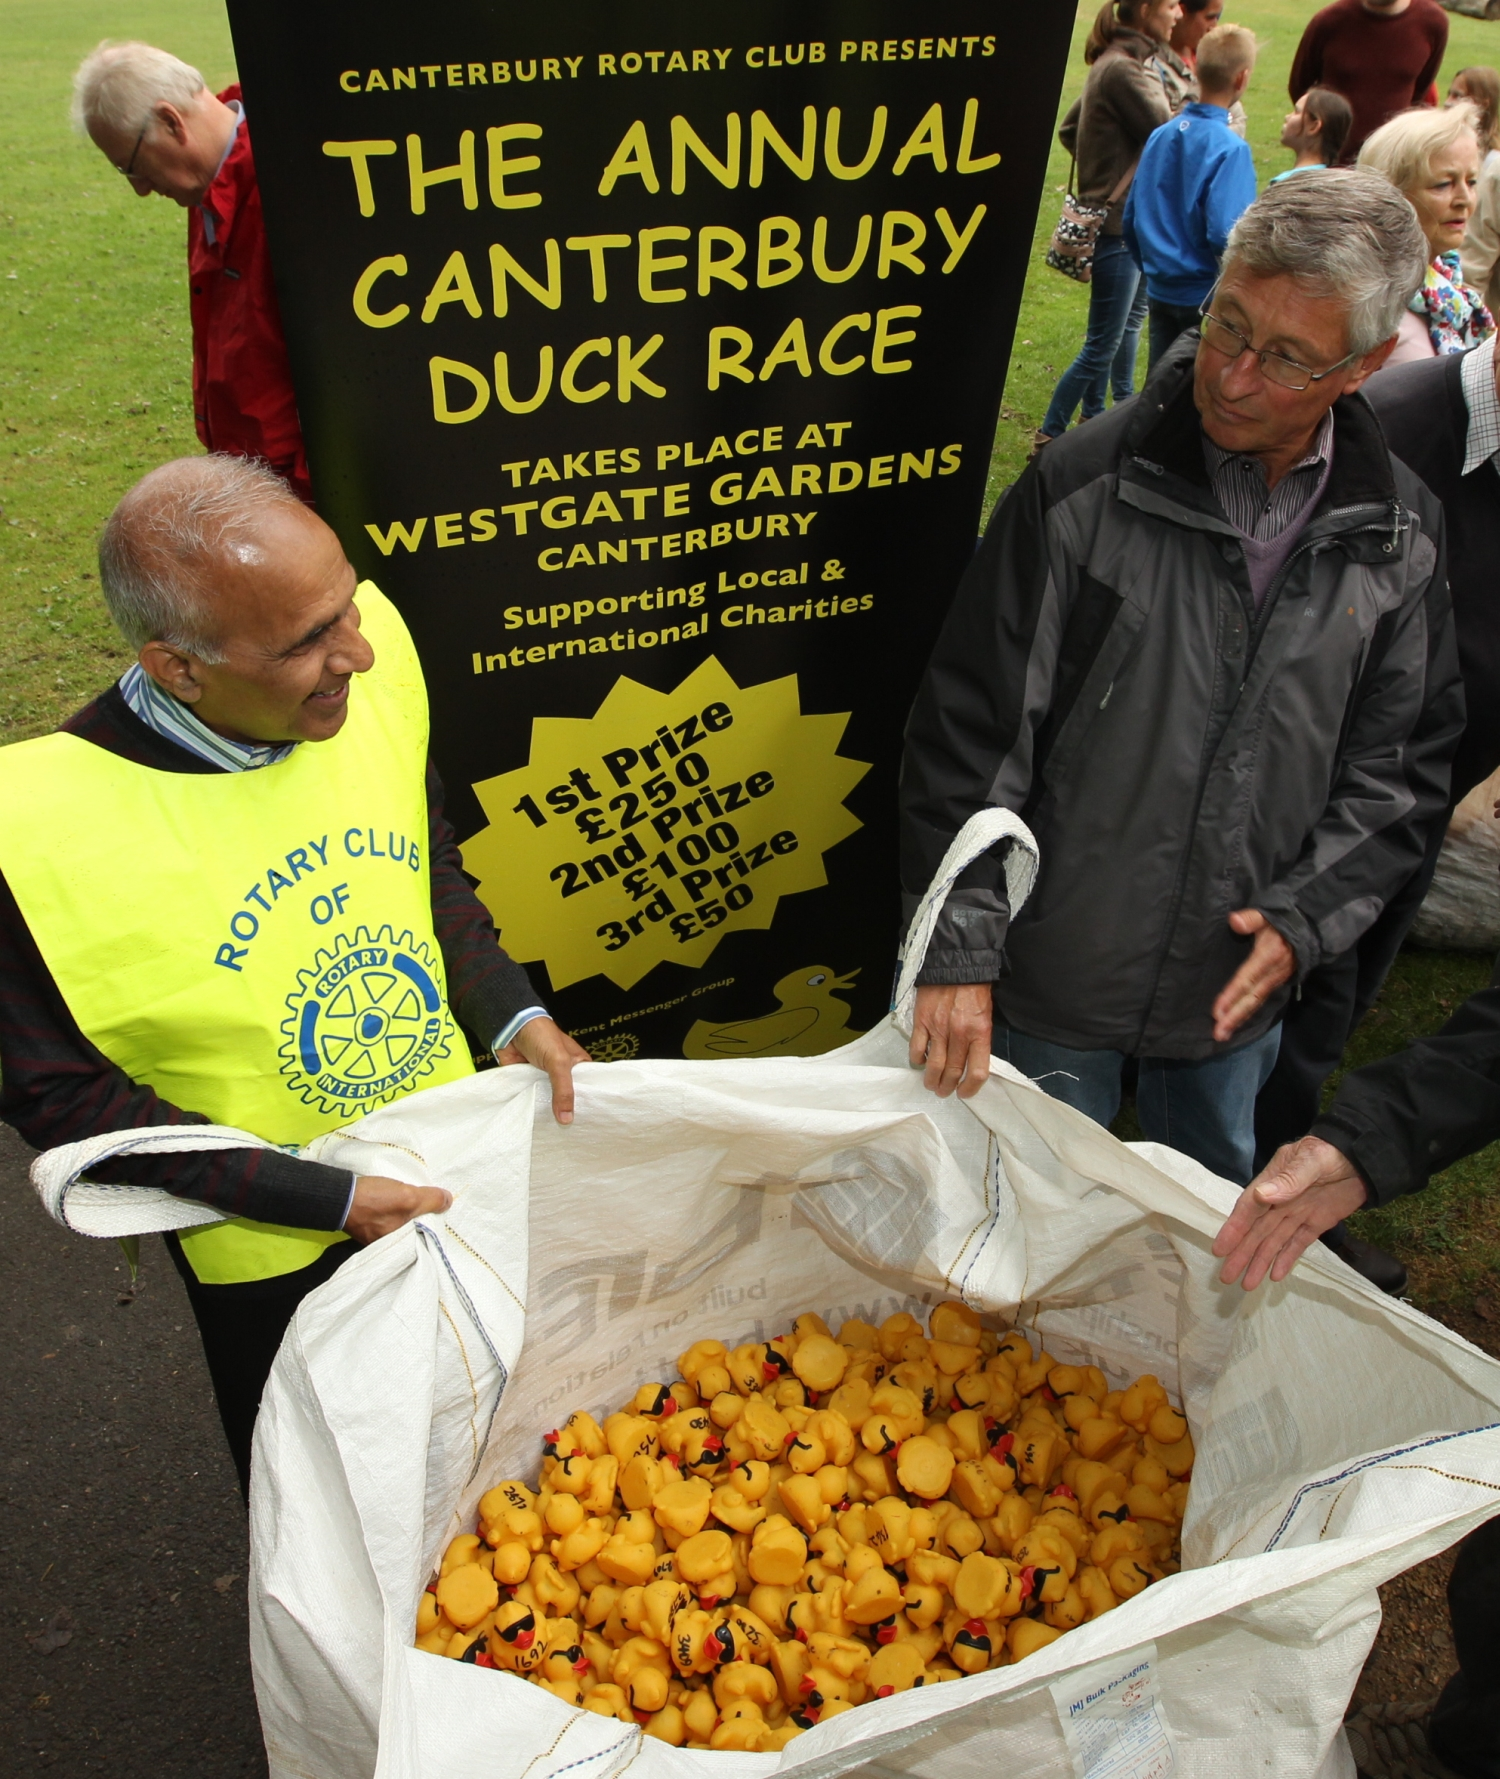 Bags of Ducks